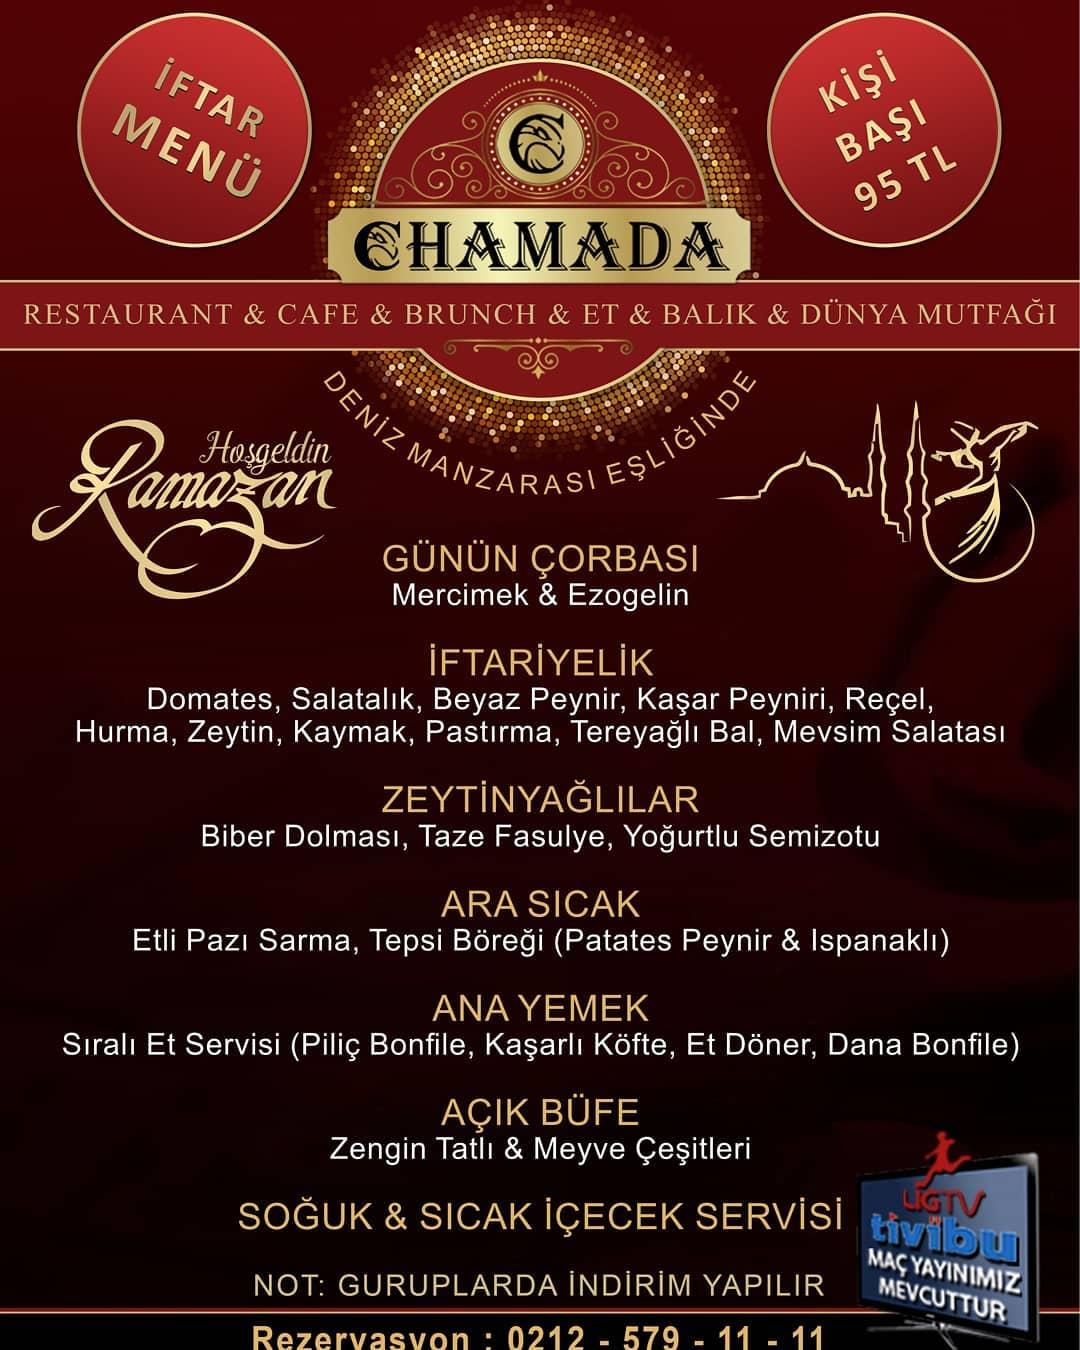 chamada-cafe-restaurant-florya-istanbul